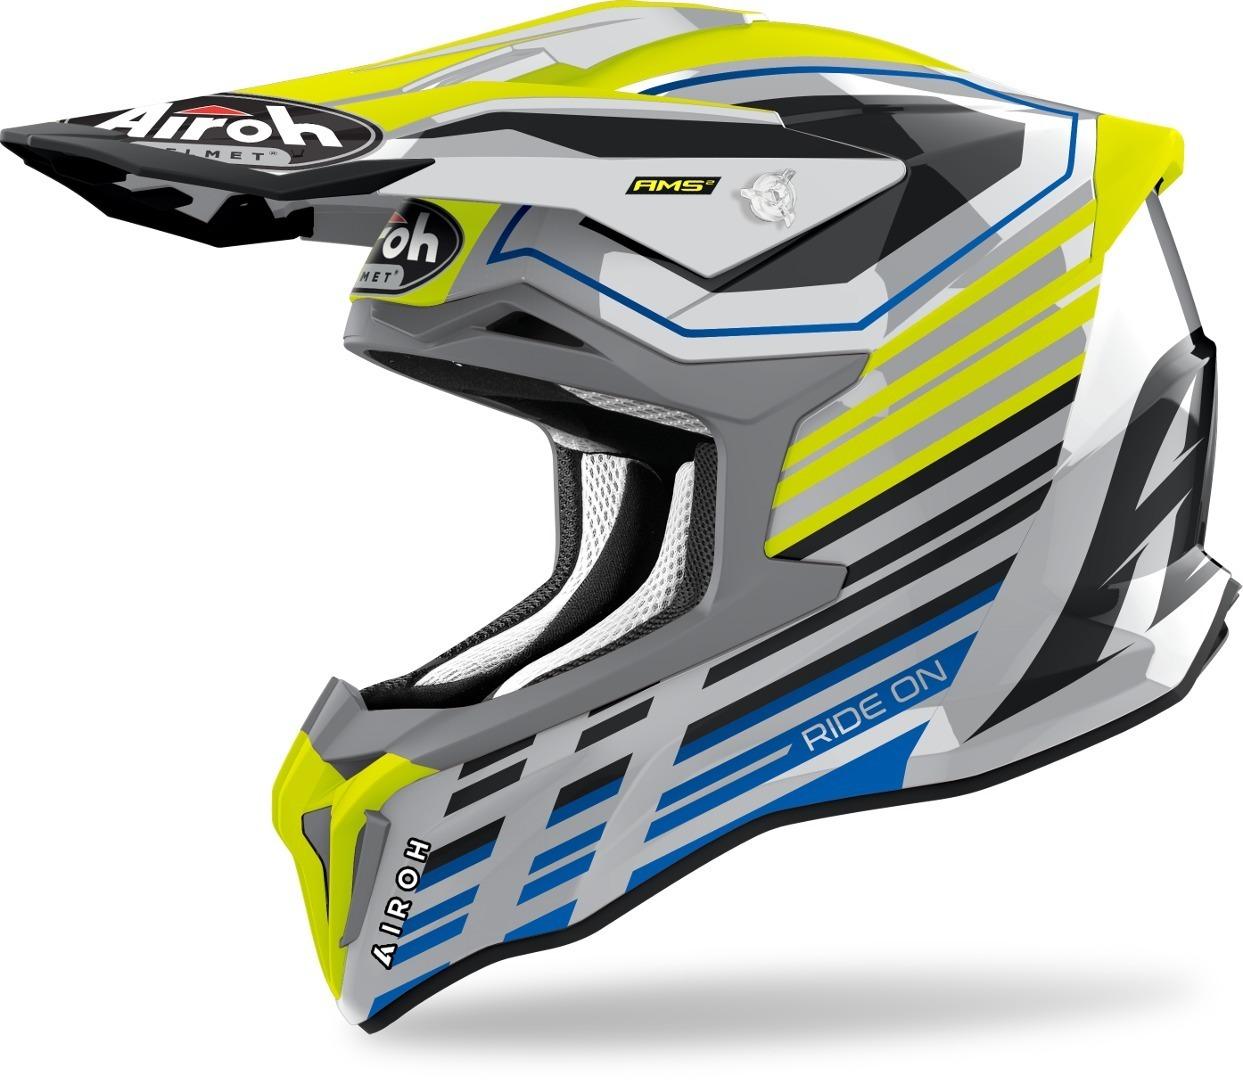 Airoh Strycker Shaded Carbon Motocross Helm, gelb, Größe XL, gelb, Größe XL